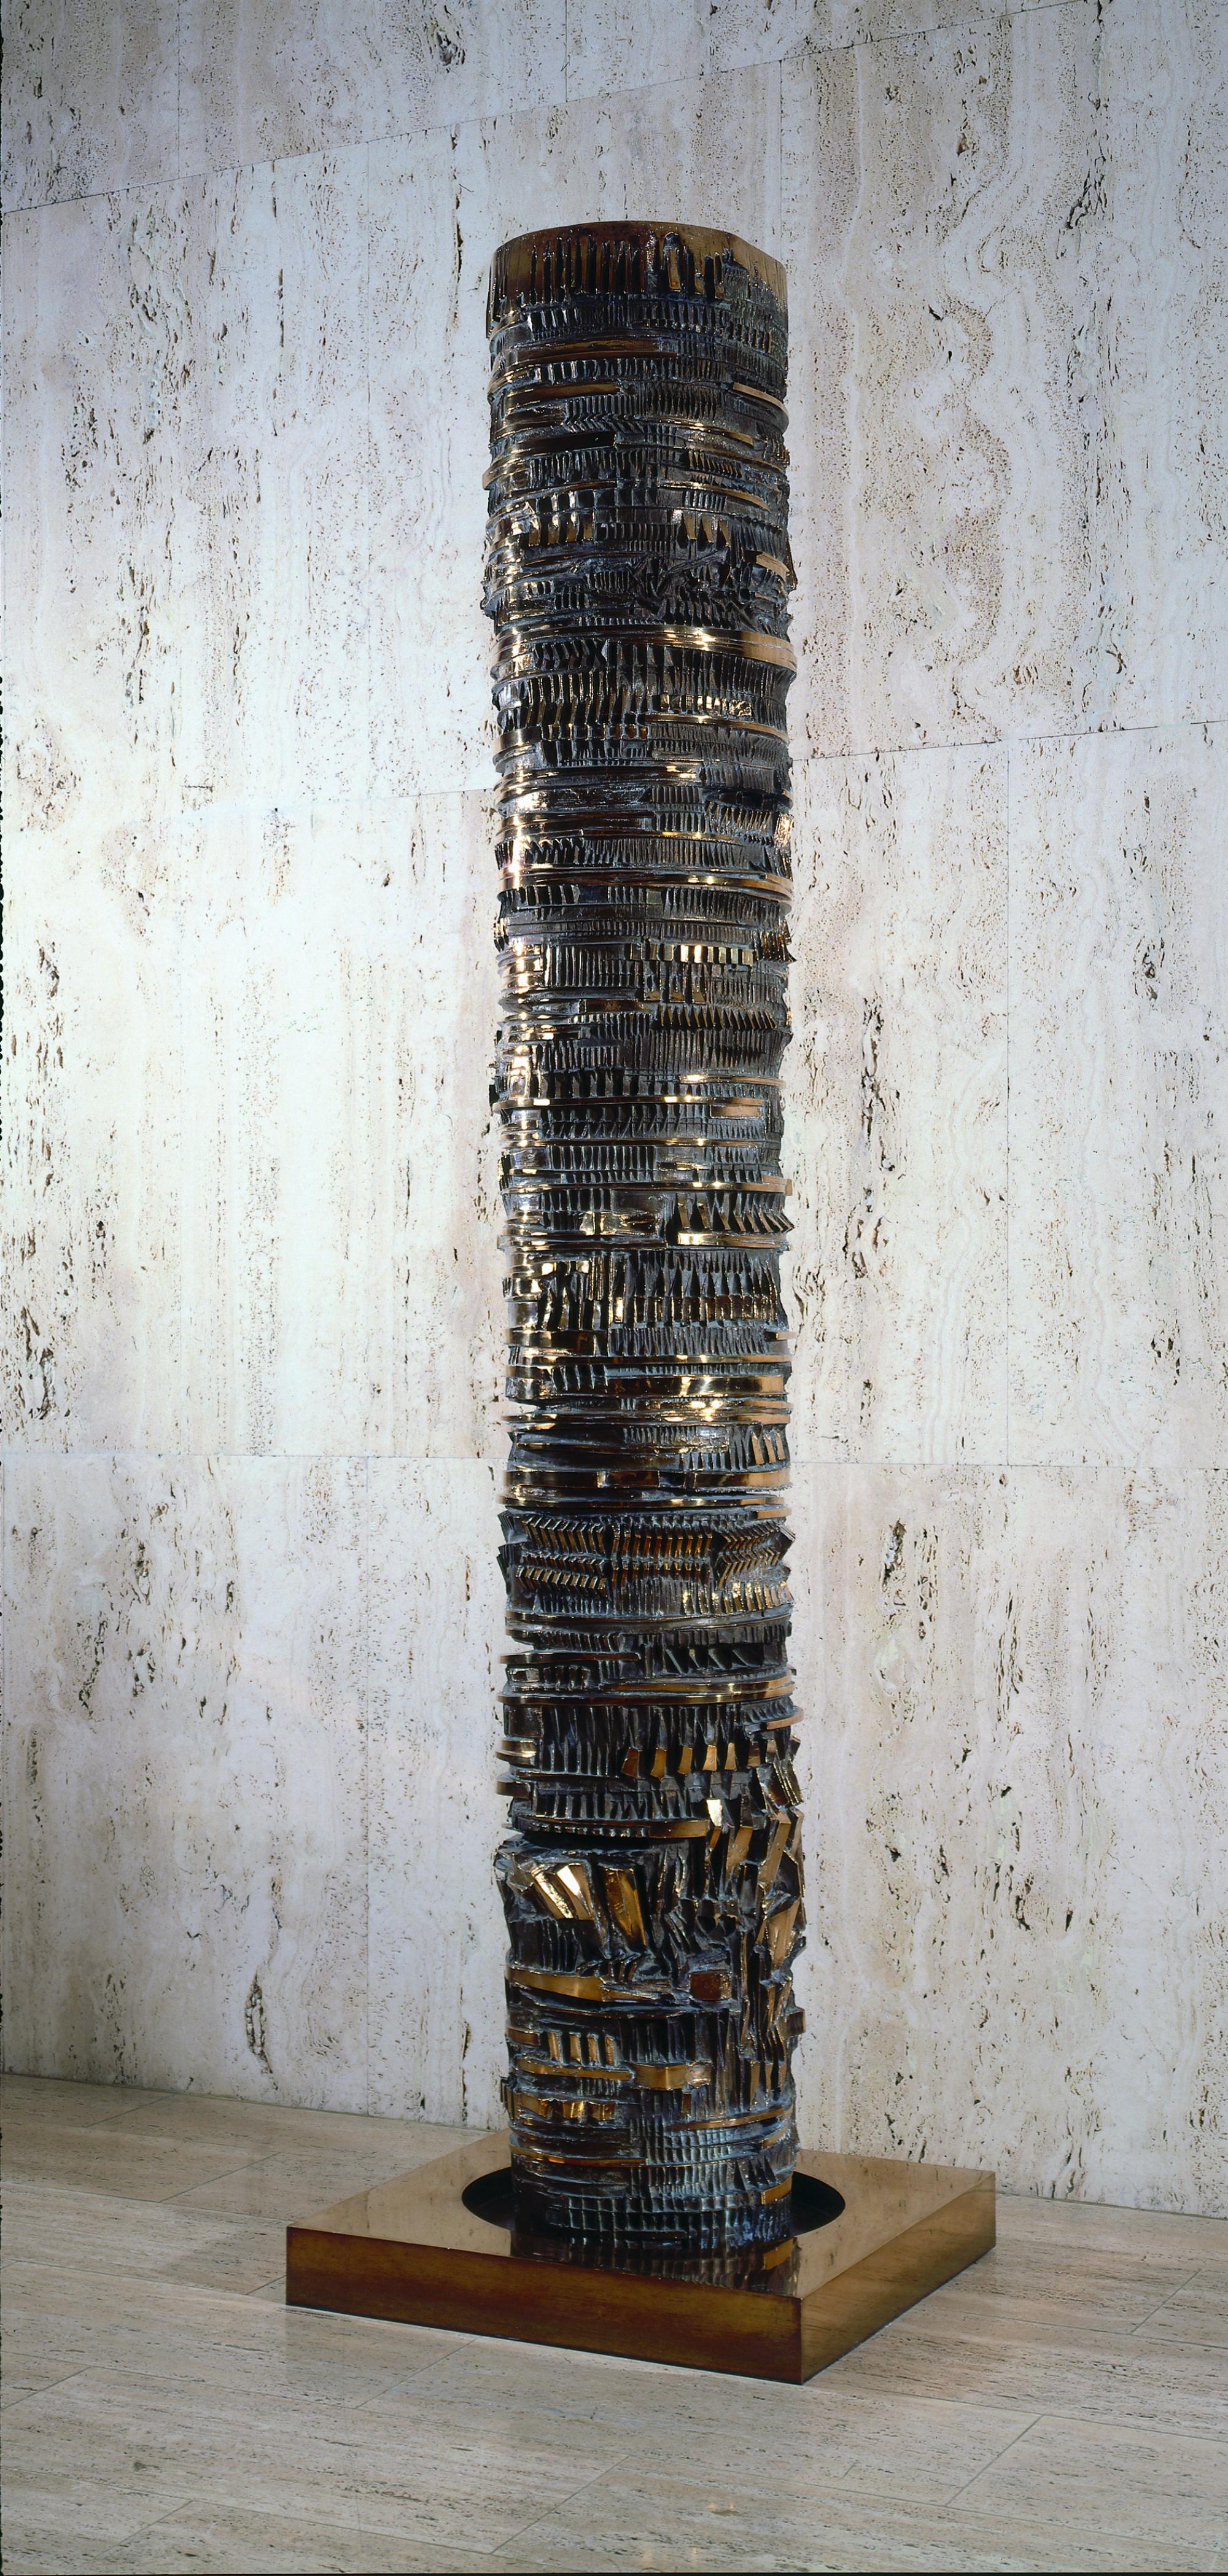 La colonna del viaggiatore, the passenger column of Arnaldo Pomodoro, is a milestone, border marker or a totem pole.